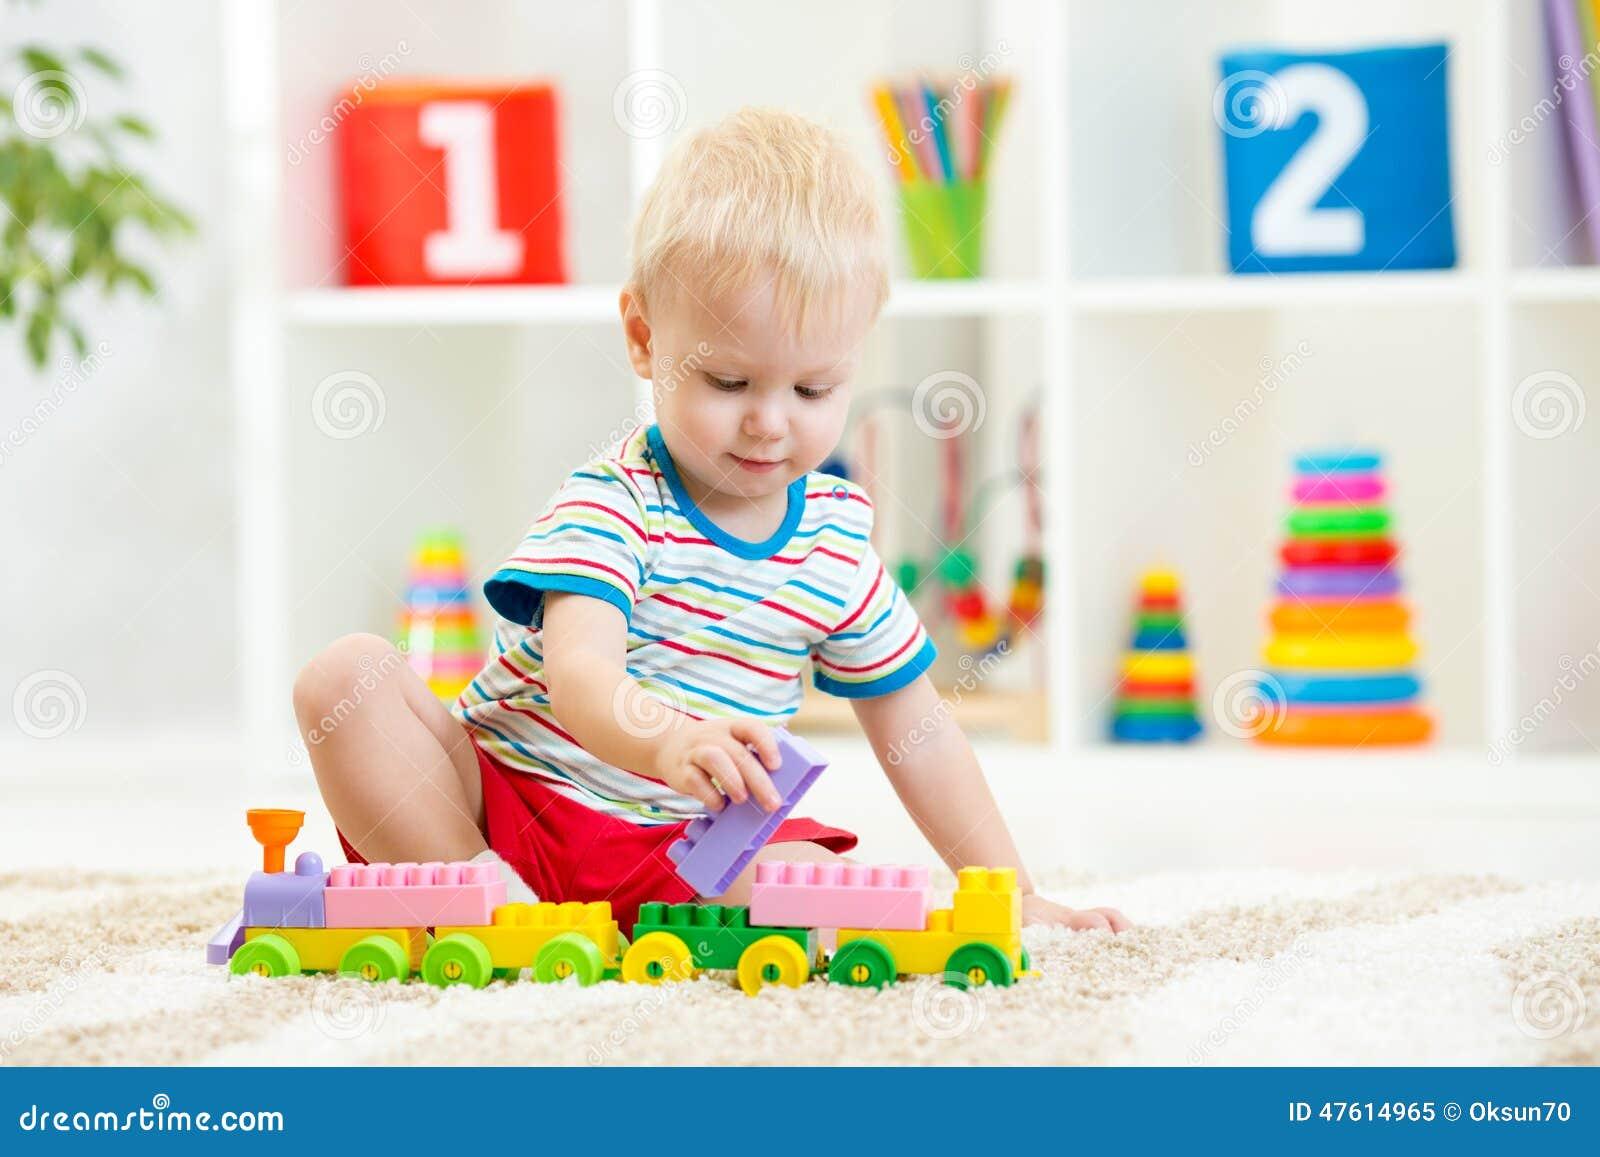 Criança que joga com blocos de apartamentos no jardim de infância